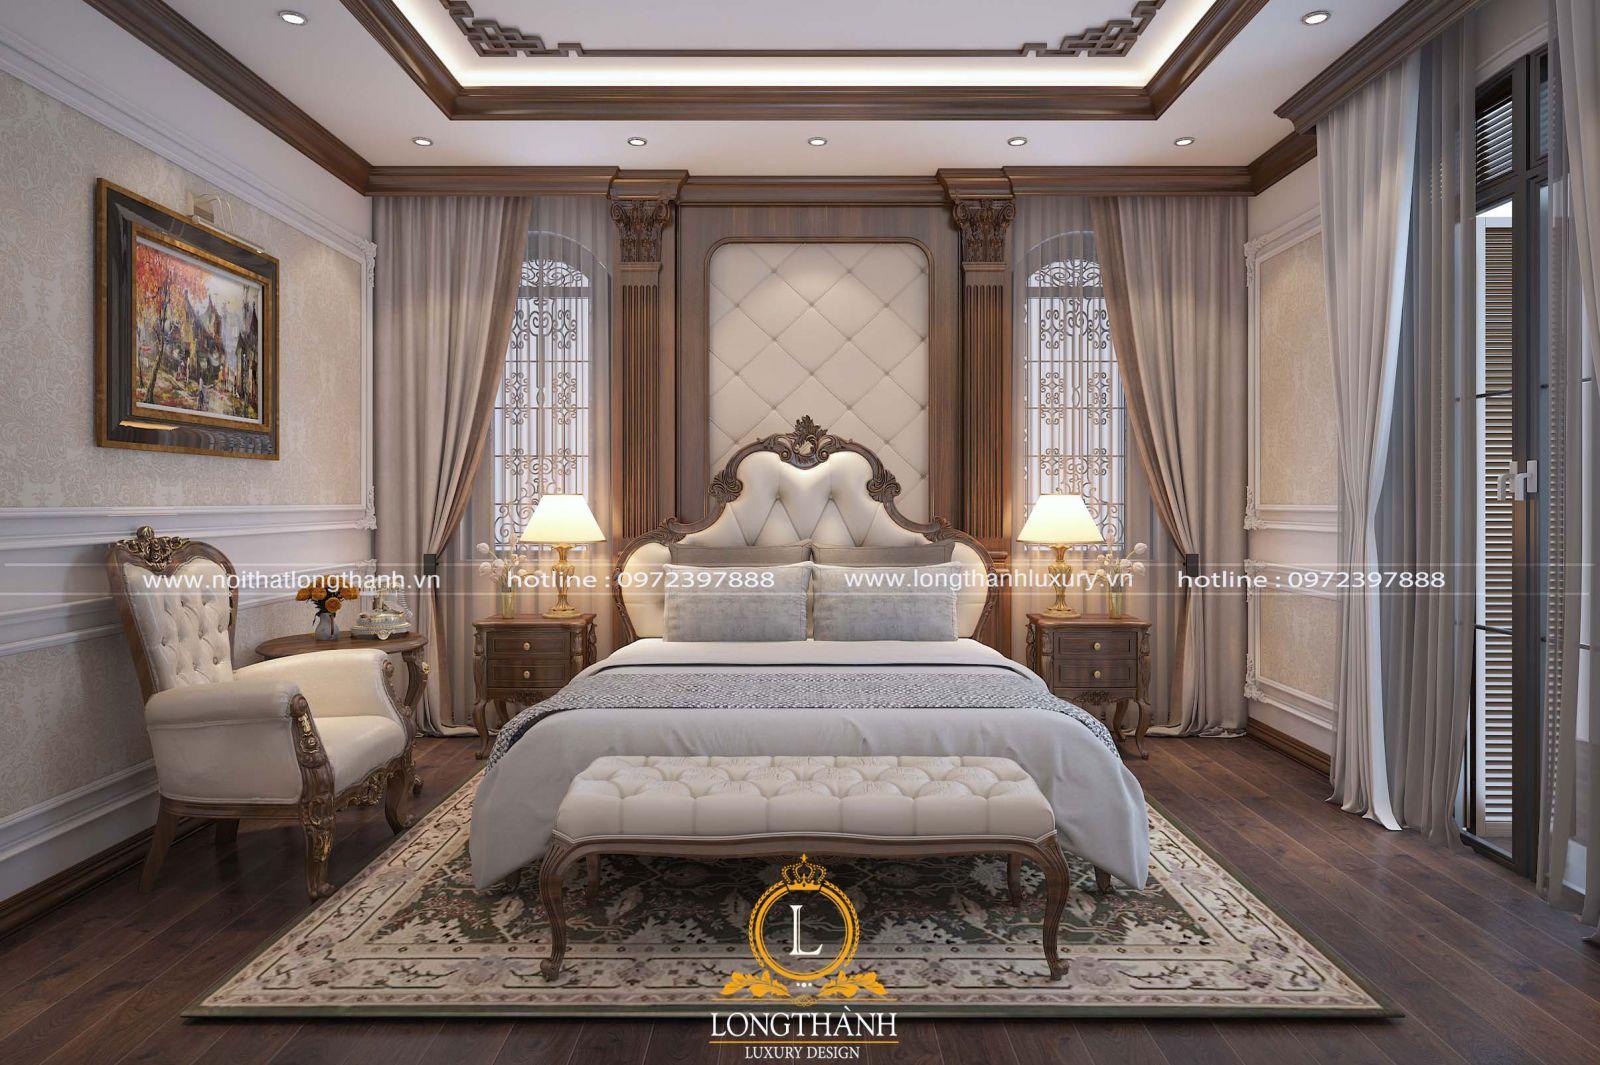 Tùy vào từng không gian sẽ có thiết kế phòng ngủ tân cổ điển khác nhau